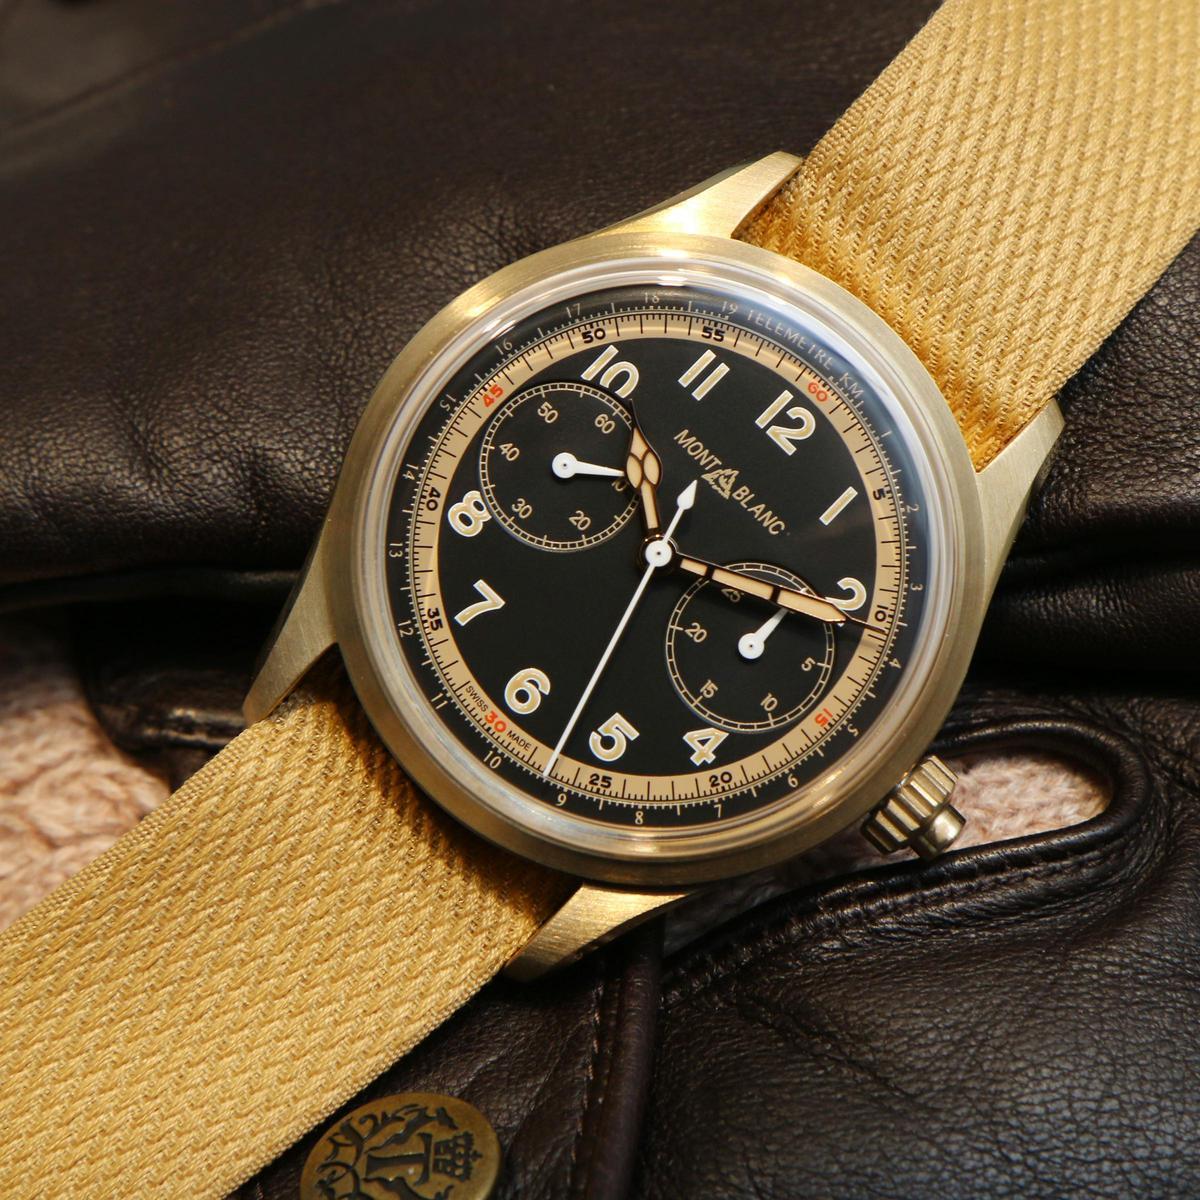 1858系列單按把計時碼錶限量版,青銅合金材質錶殼,裝載MB 25.12自動上鏈計時機芯,限量1858只,定價NT$186,800。